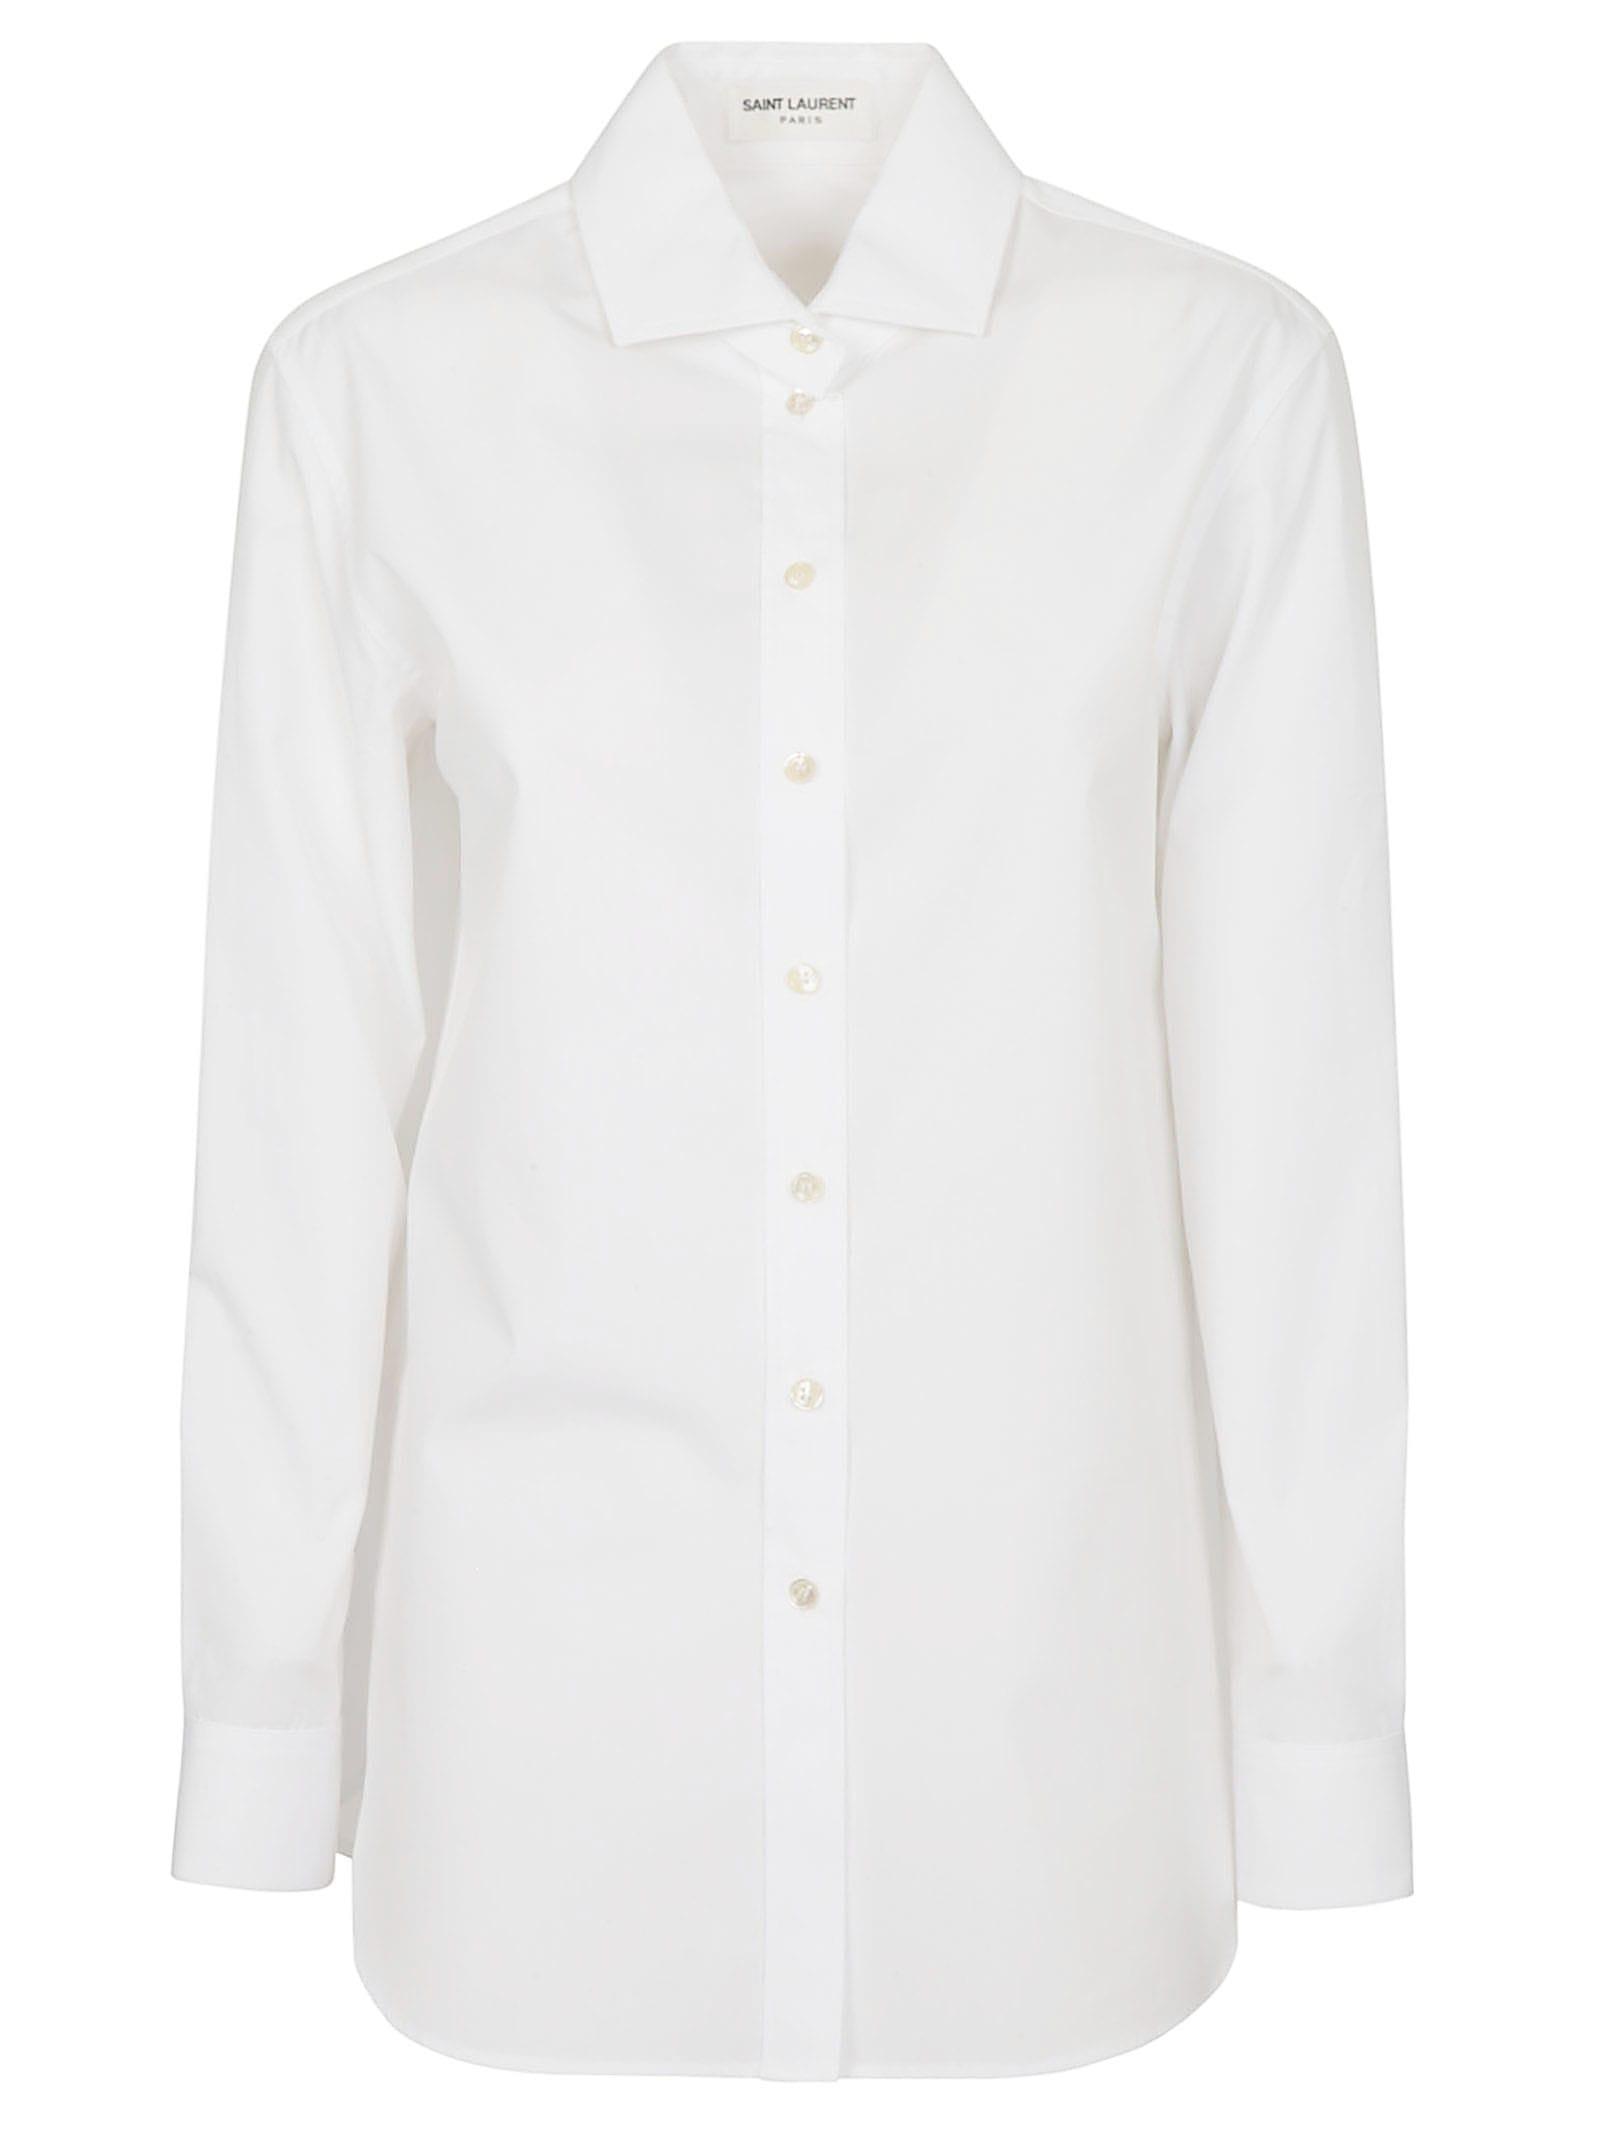 Saint Laurent Oversize Shirt